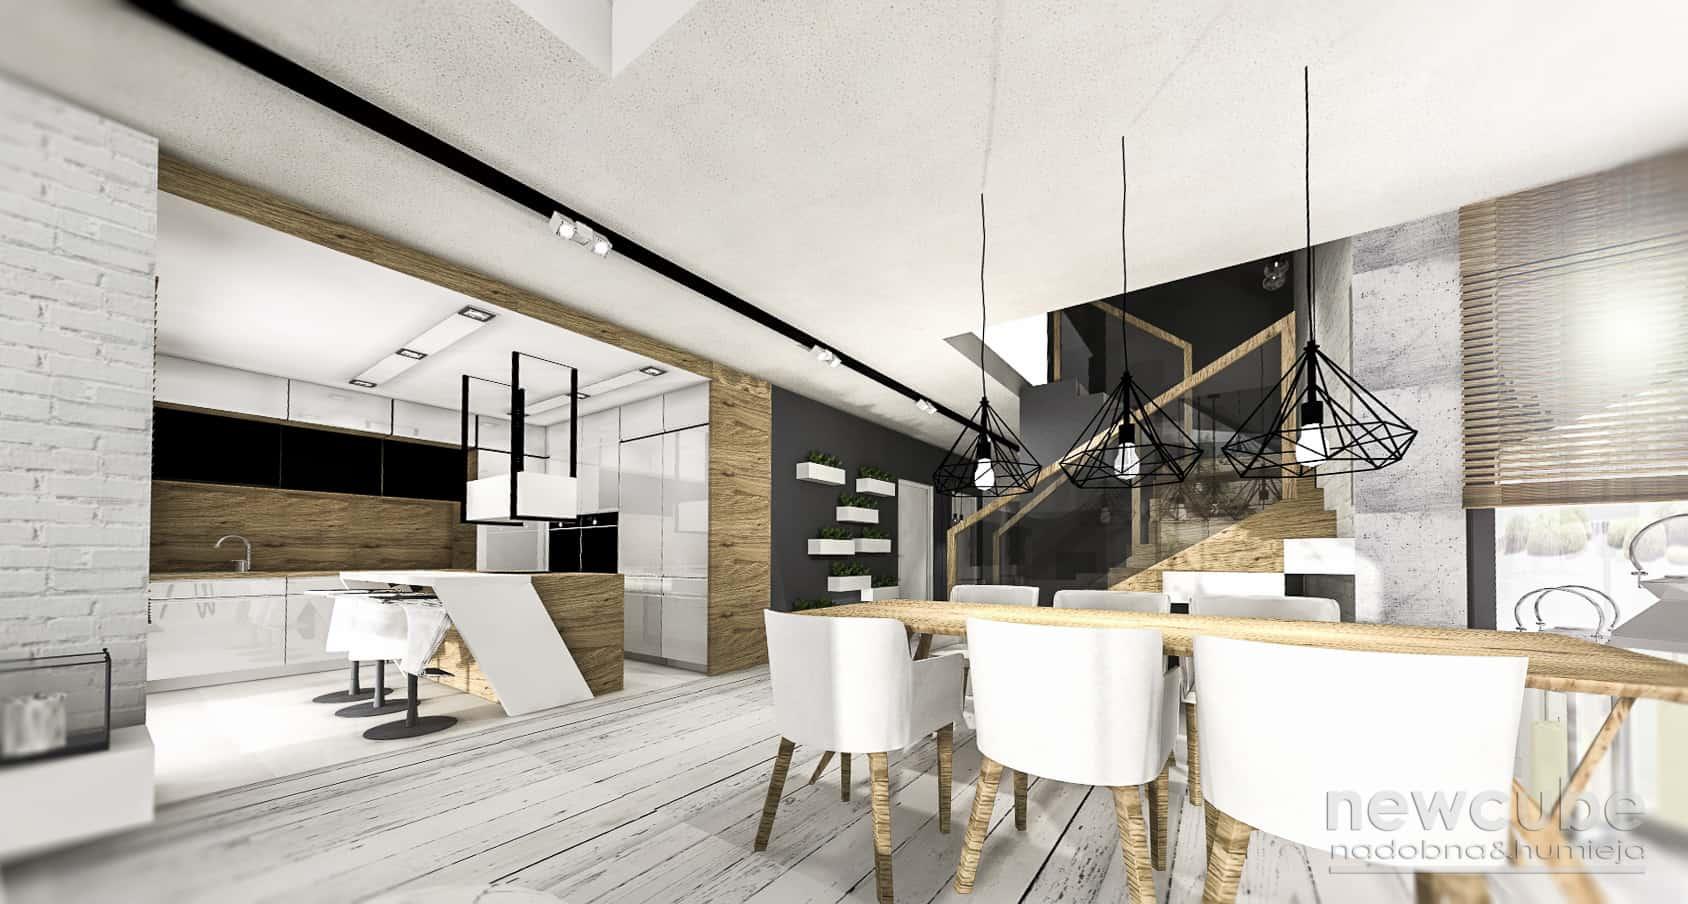 aranzacja-wnetrz-projekt-architekt-new-cube-2020160111